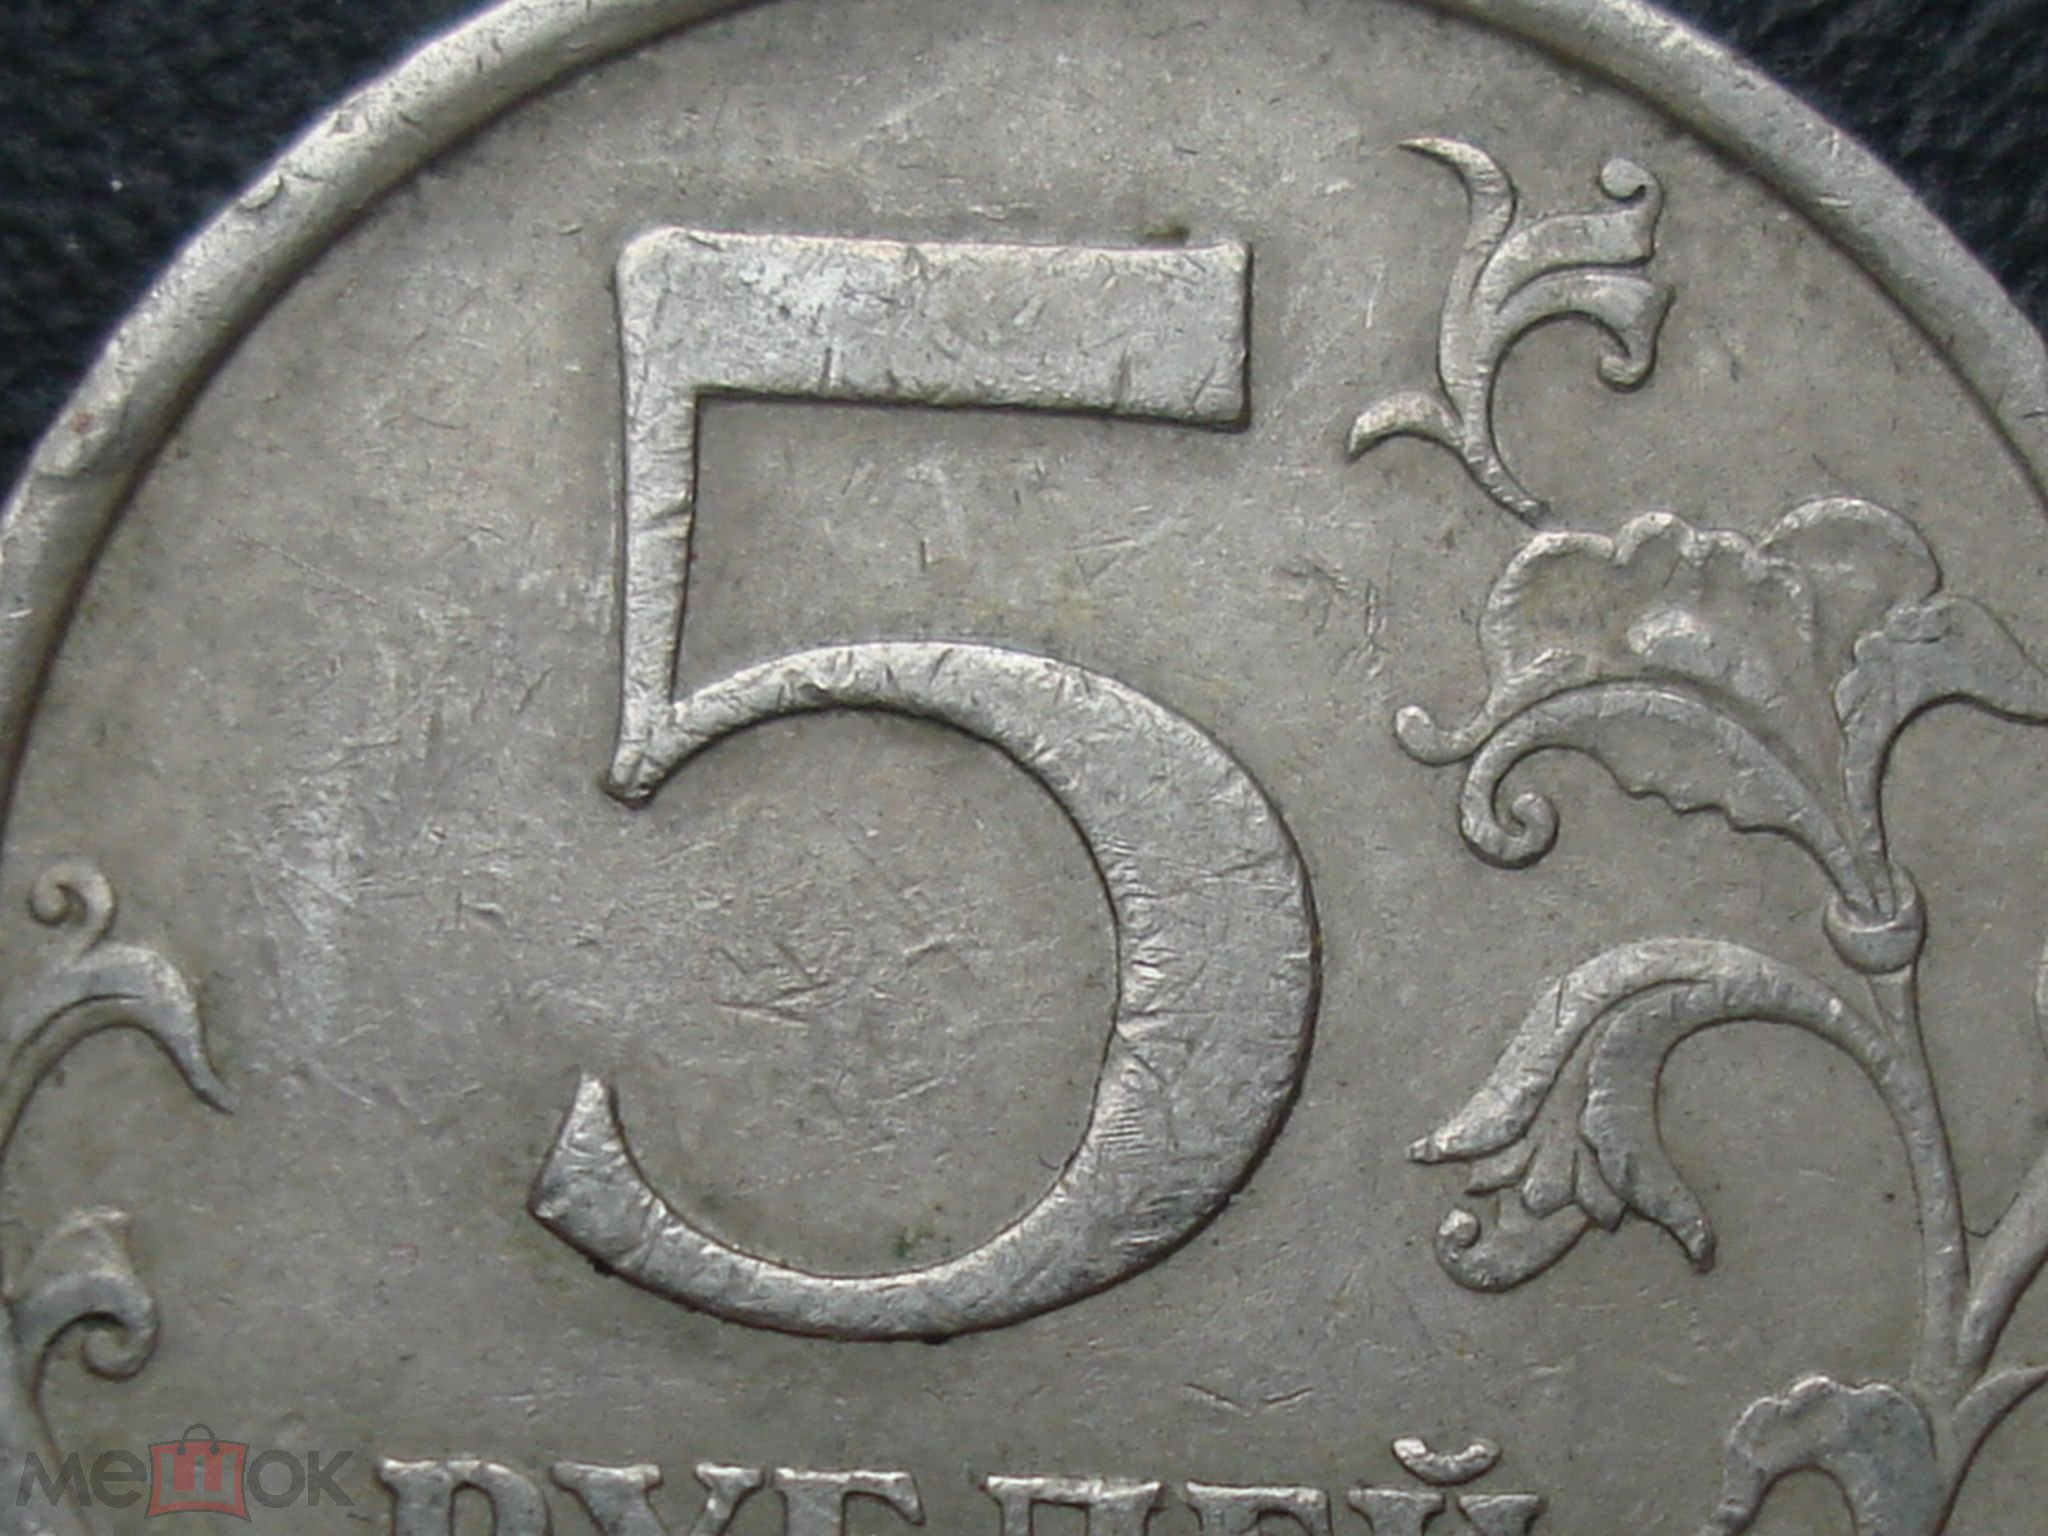 5 рублей 2008 спмд шт. 4 по АС РЕДКАЯ (!) Разновидность(!) СОХРАН !!! (r61) НЕ ПРОПУСТИТЕ!